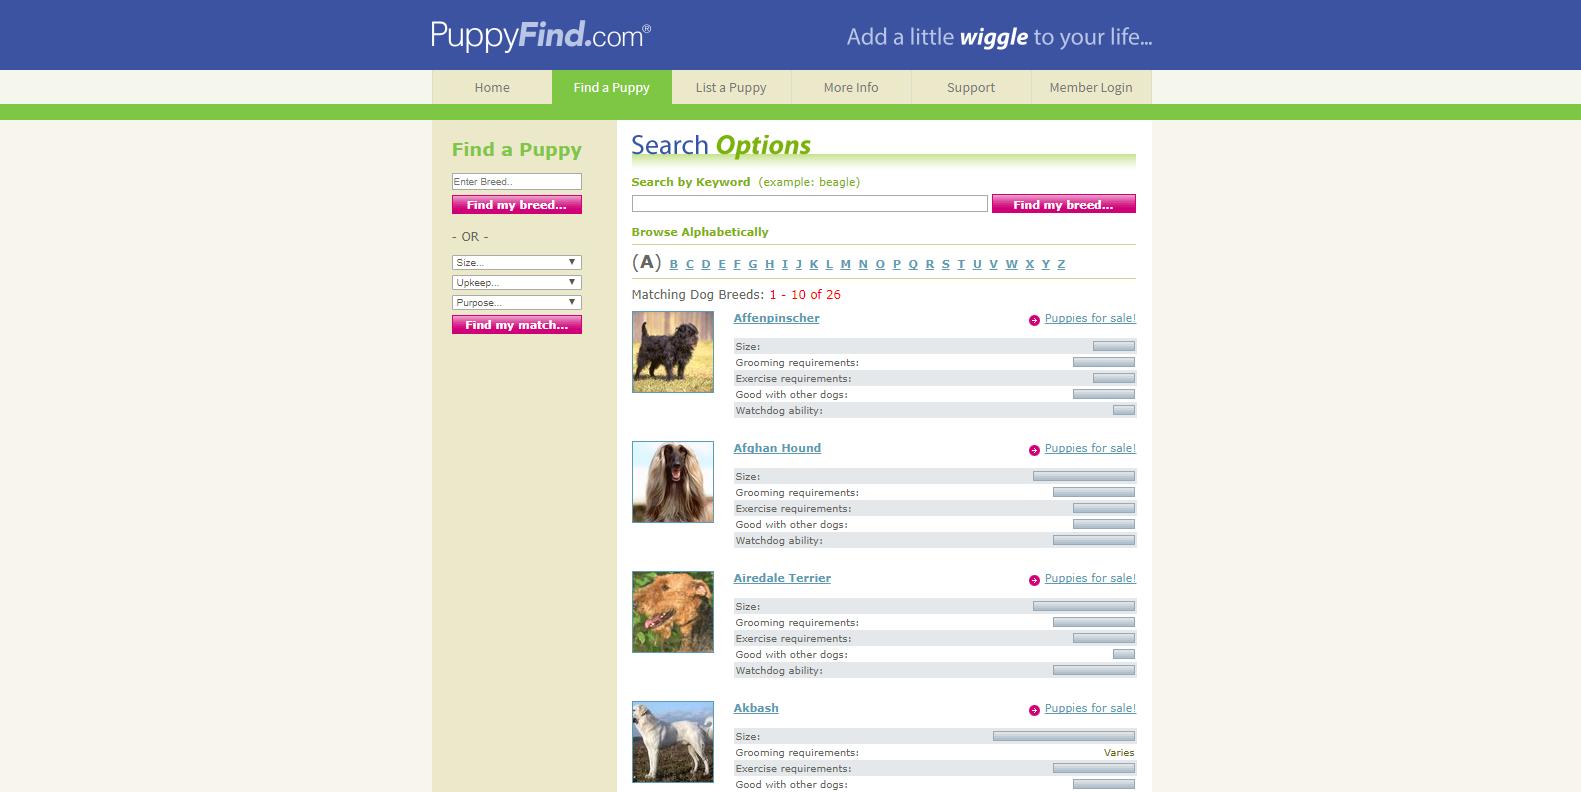 puppyfind website